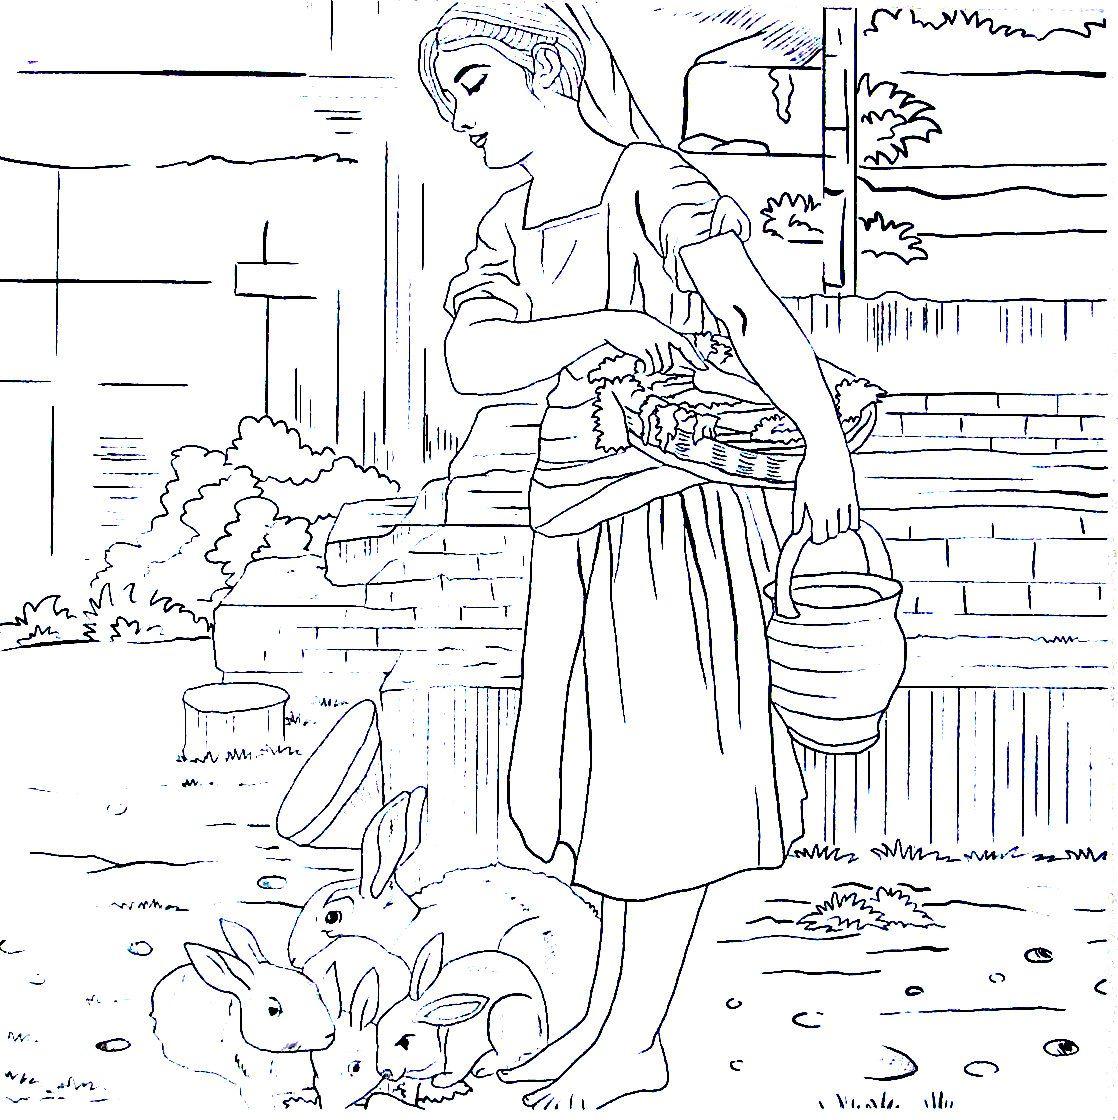 Feeding The Bunny Rabbits Fresh Carrots